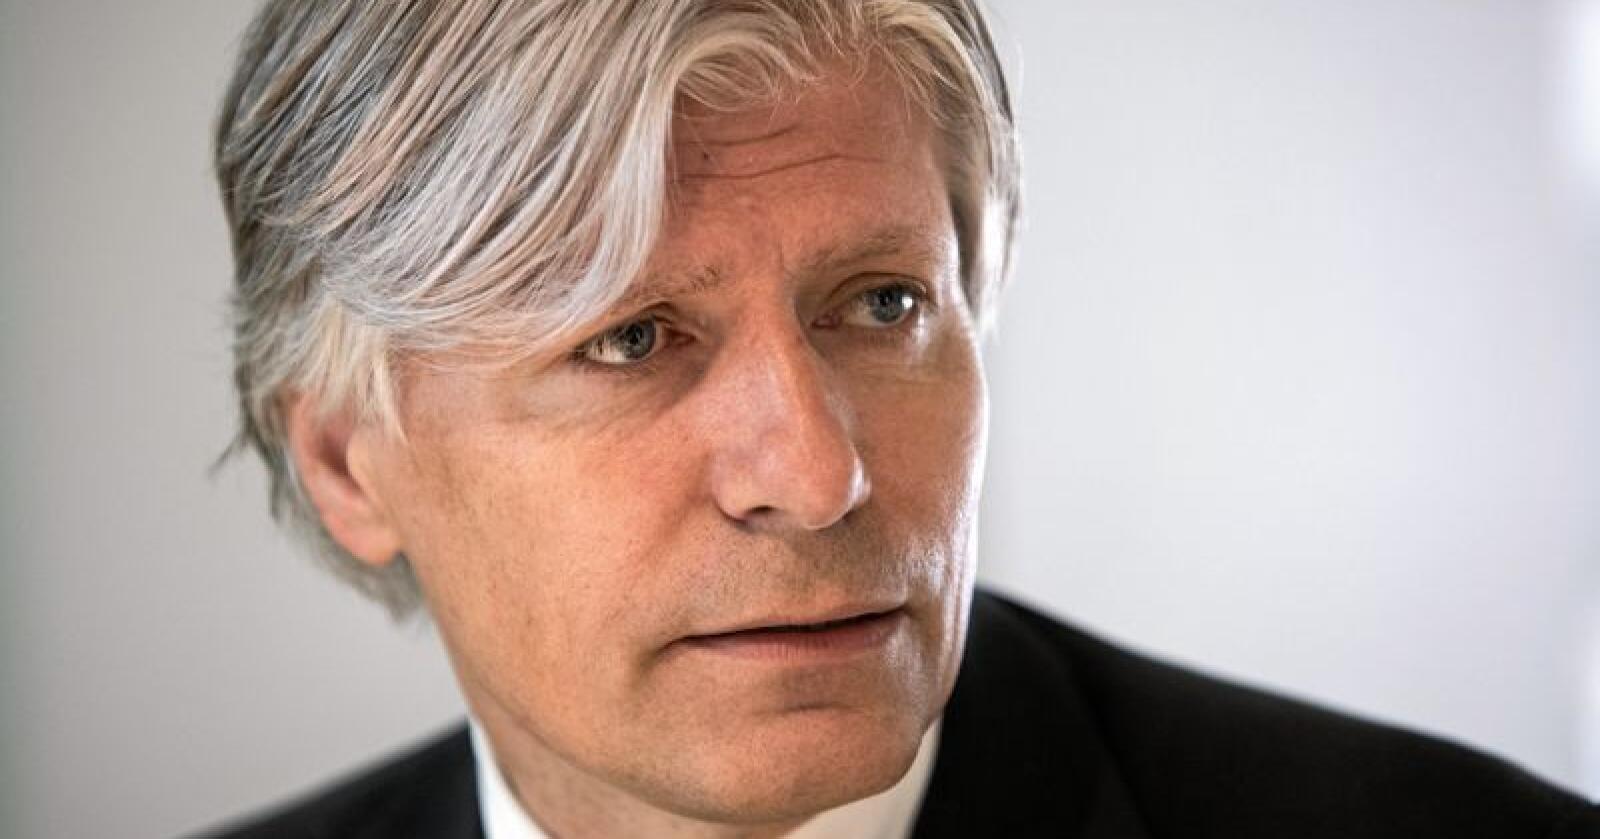 Klima- og miljøminister Ola Elvestuen har ikke tenkt å stoppe ulvejakta utenfor ulvesonen – enn så lenge. Foto: Ole Berg-Rusten / NTB scanpix